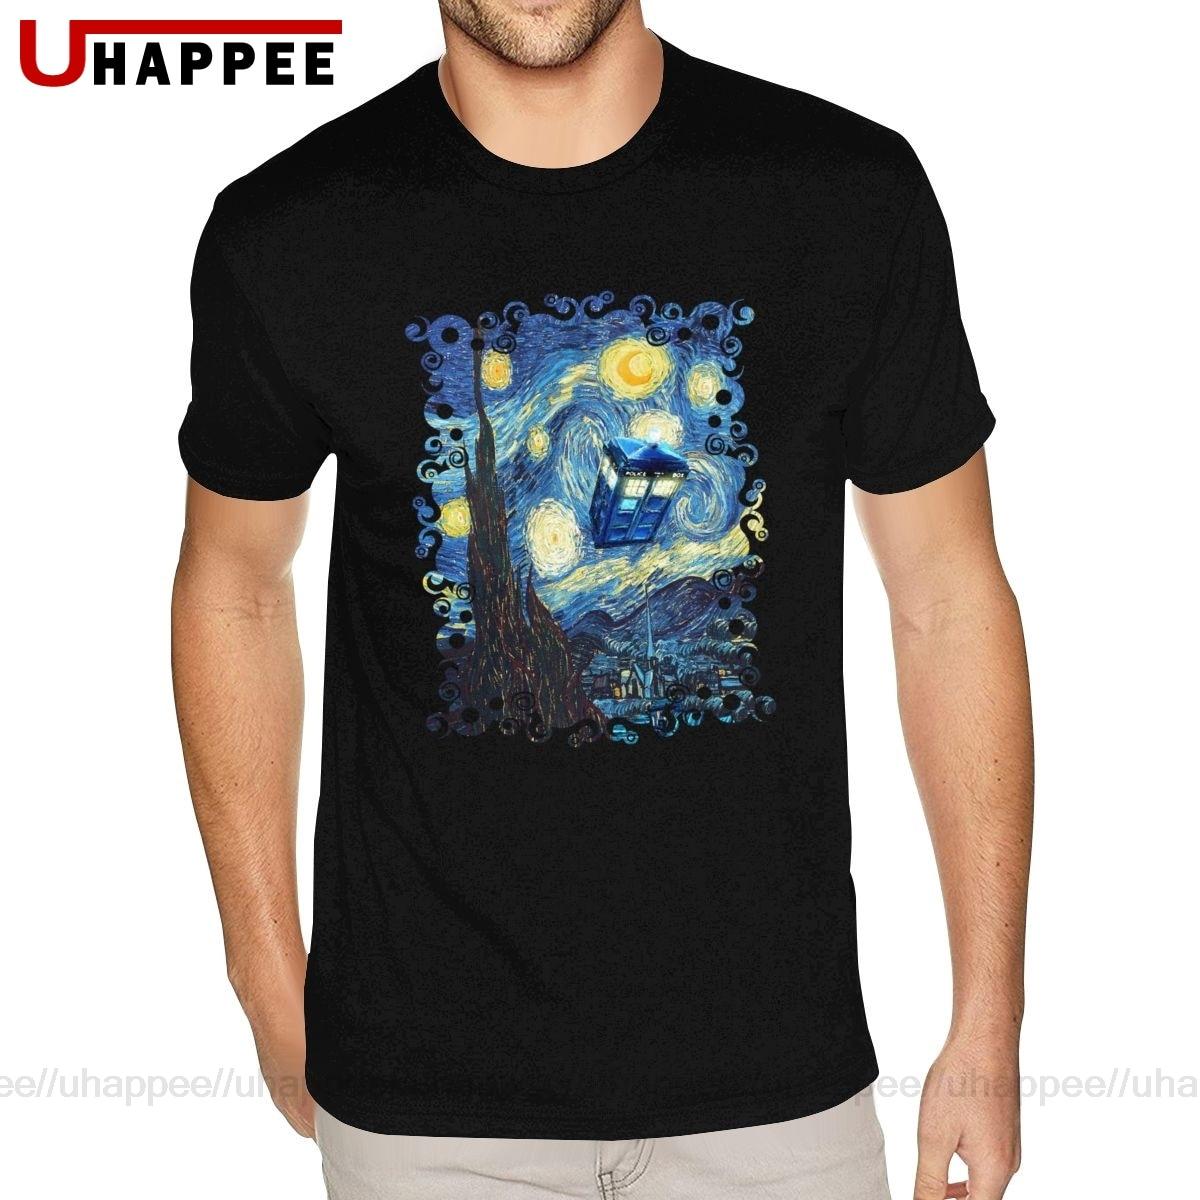 Telefon kulübesi doktor Tadis t-shirt çocuklar Grunge Hip Hop Tee Homme kısa kollu ucuz fiyat marka giyim